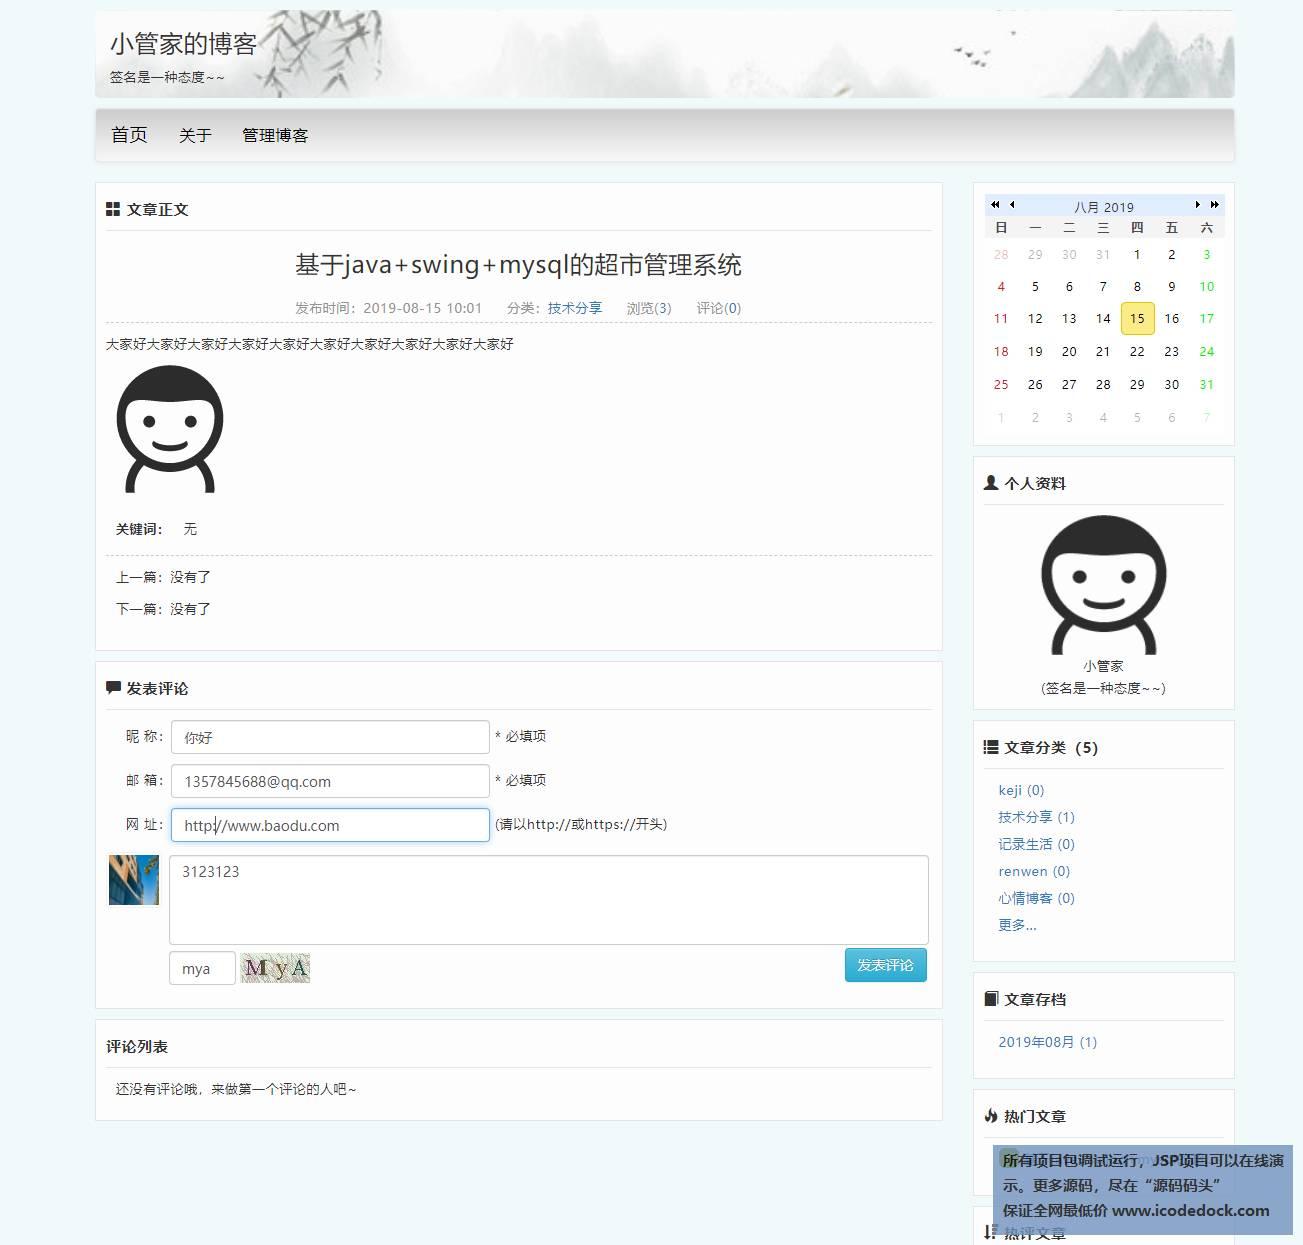 源码码头-SSM个人博客网站管理系统-用户角色-评论